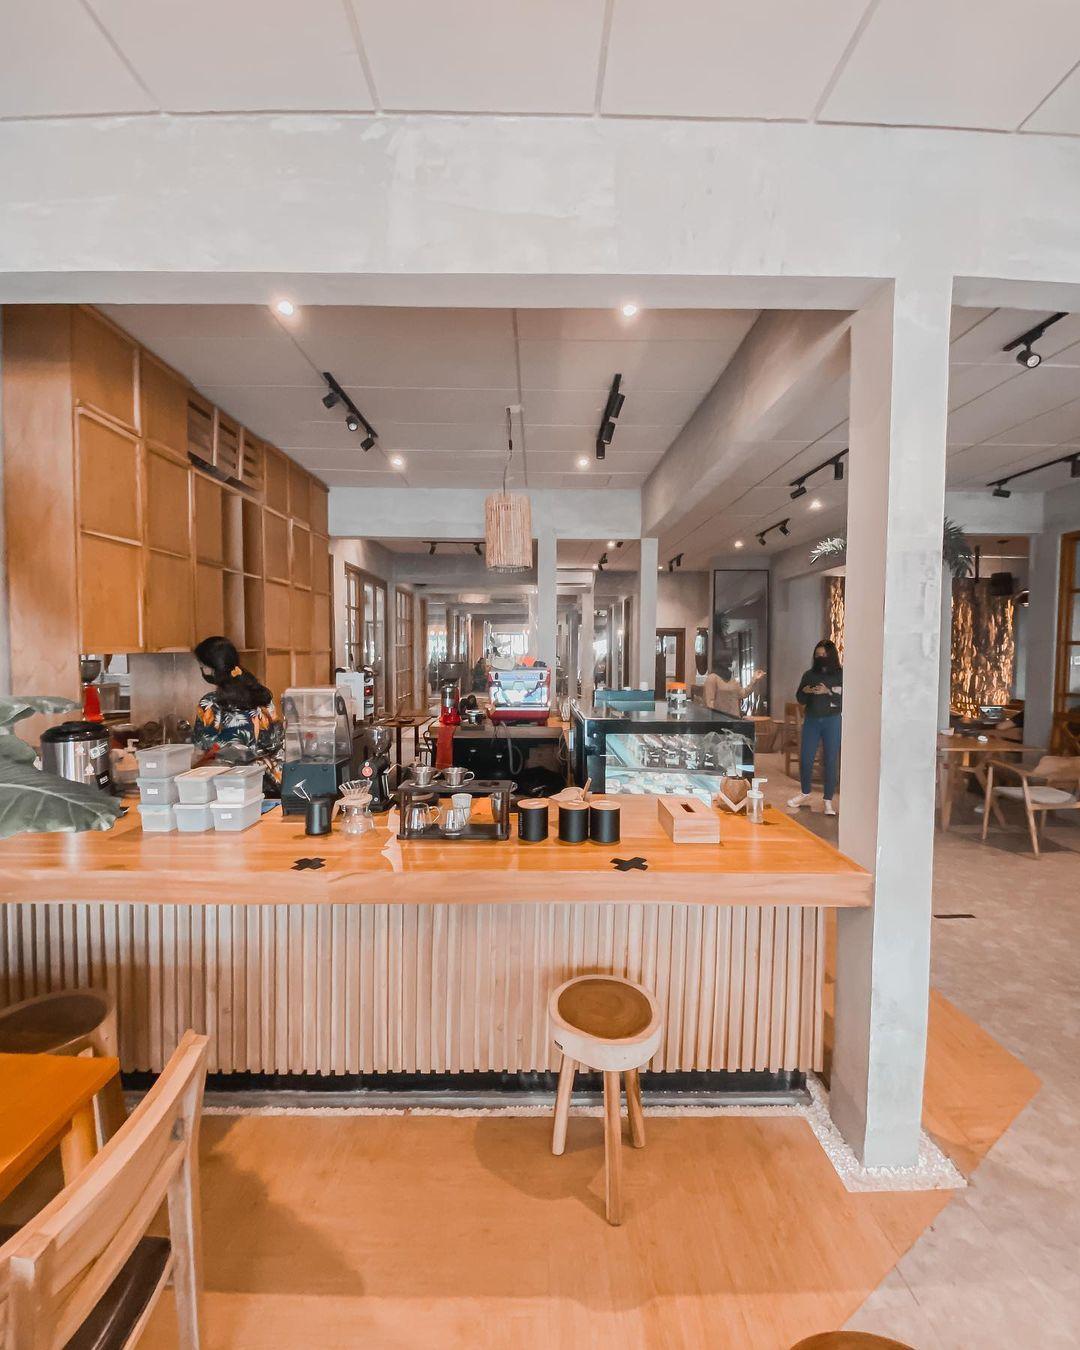 Tempat Memesan Menu Di Ren Coffee Tebet Image From @mrkulinerjkt